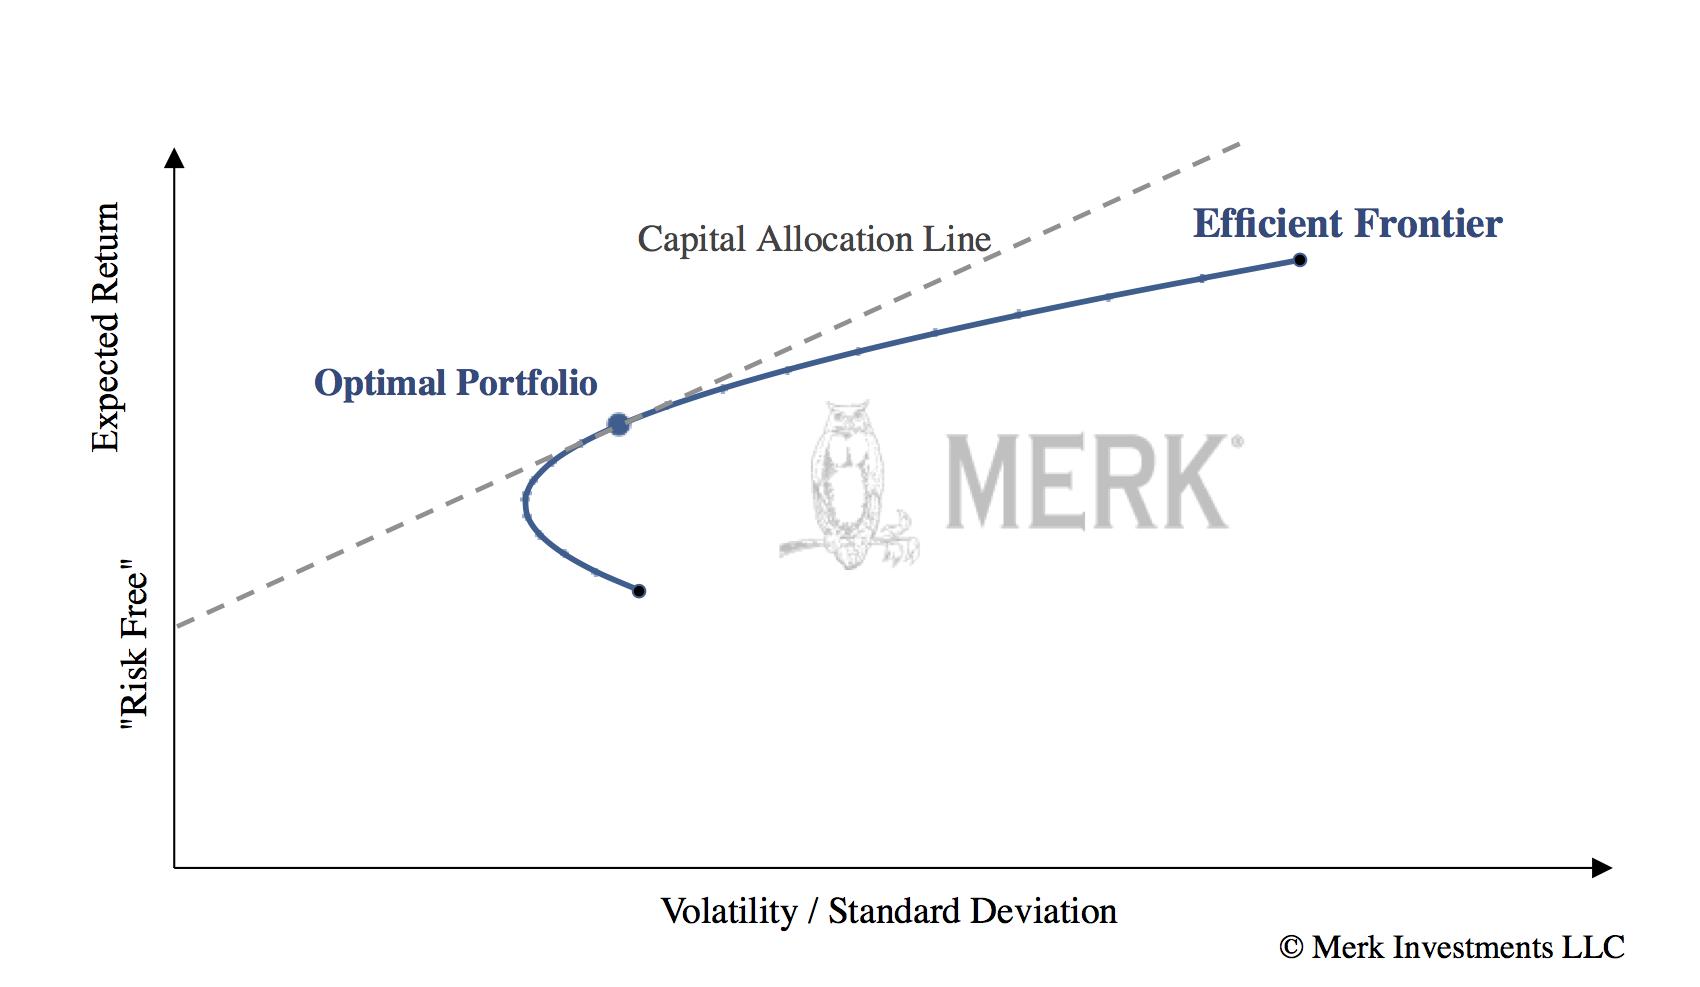 Merk Investments  Efficient Frontier